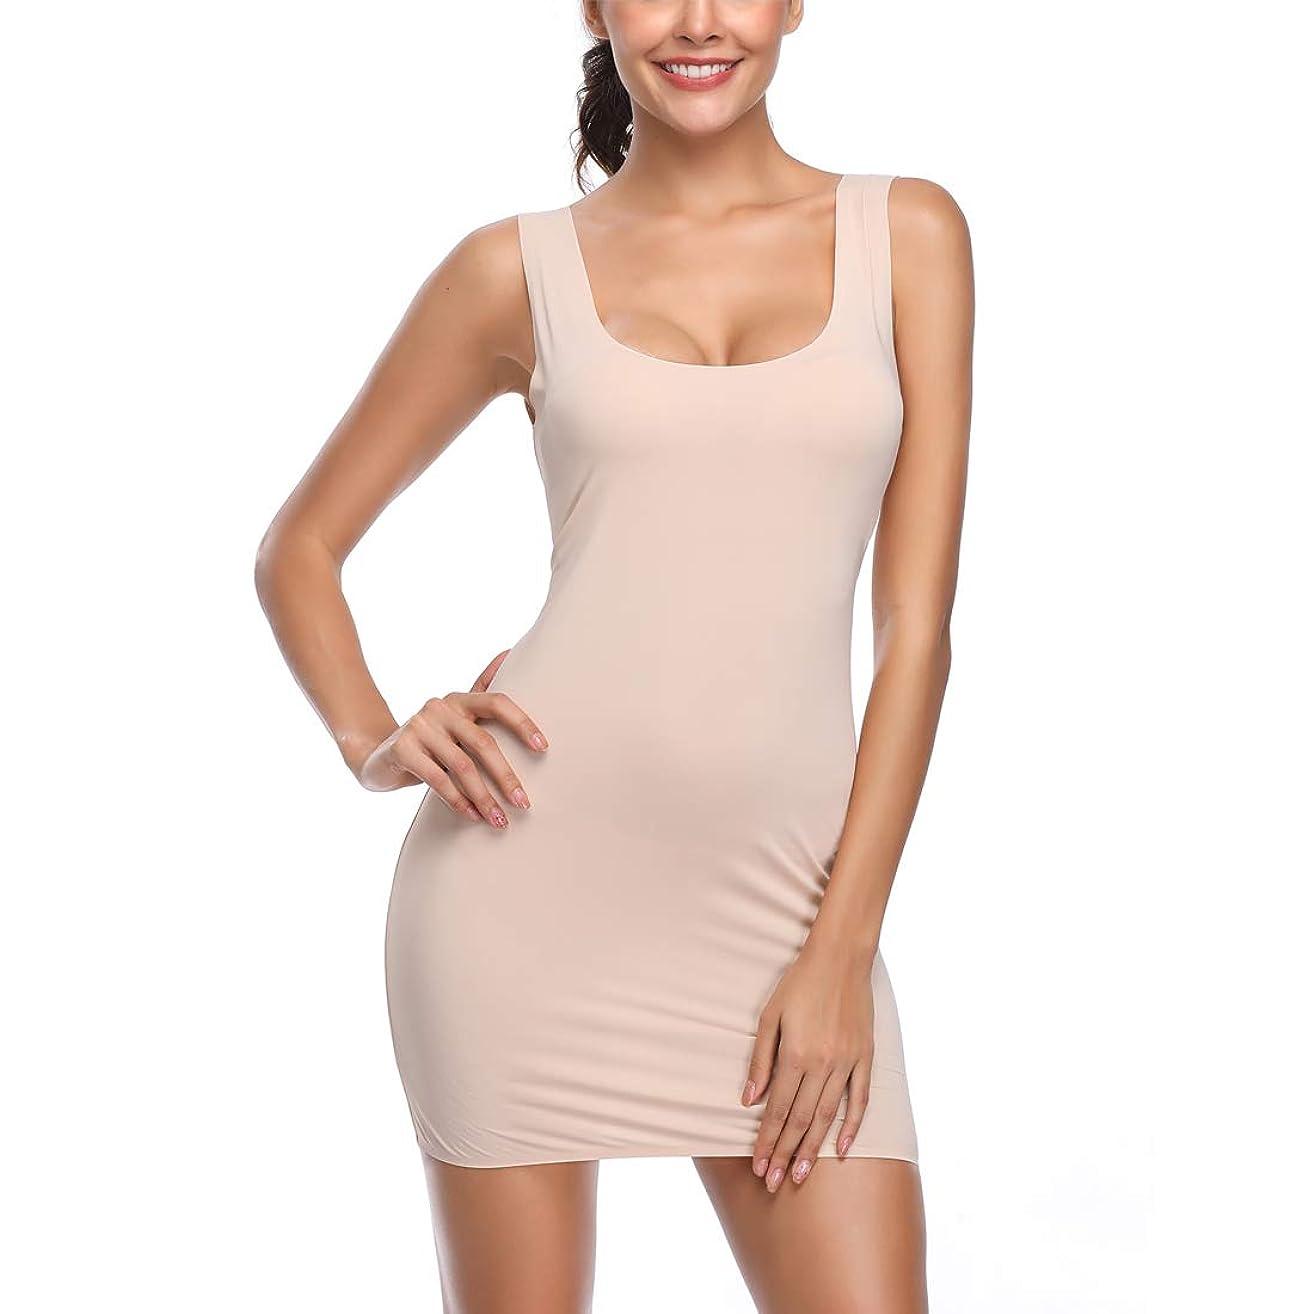 Joyshaper Full Slips for Under Dresses Long cami Slip Dress Scoop Neck Tank Dresses for Women